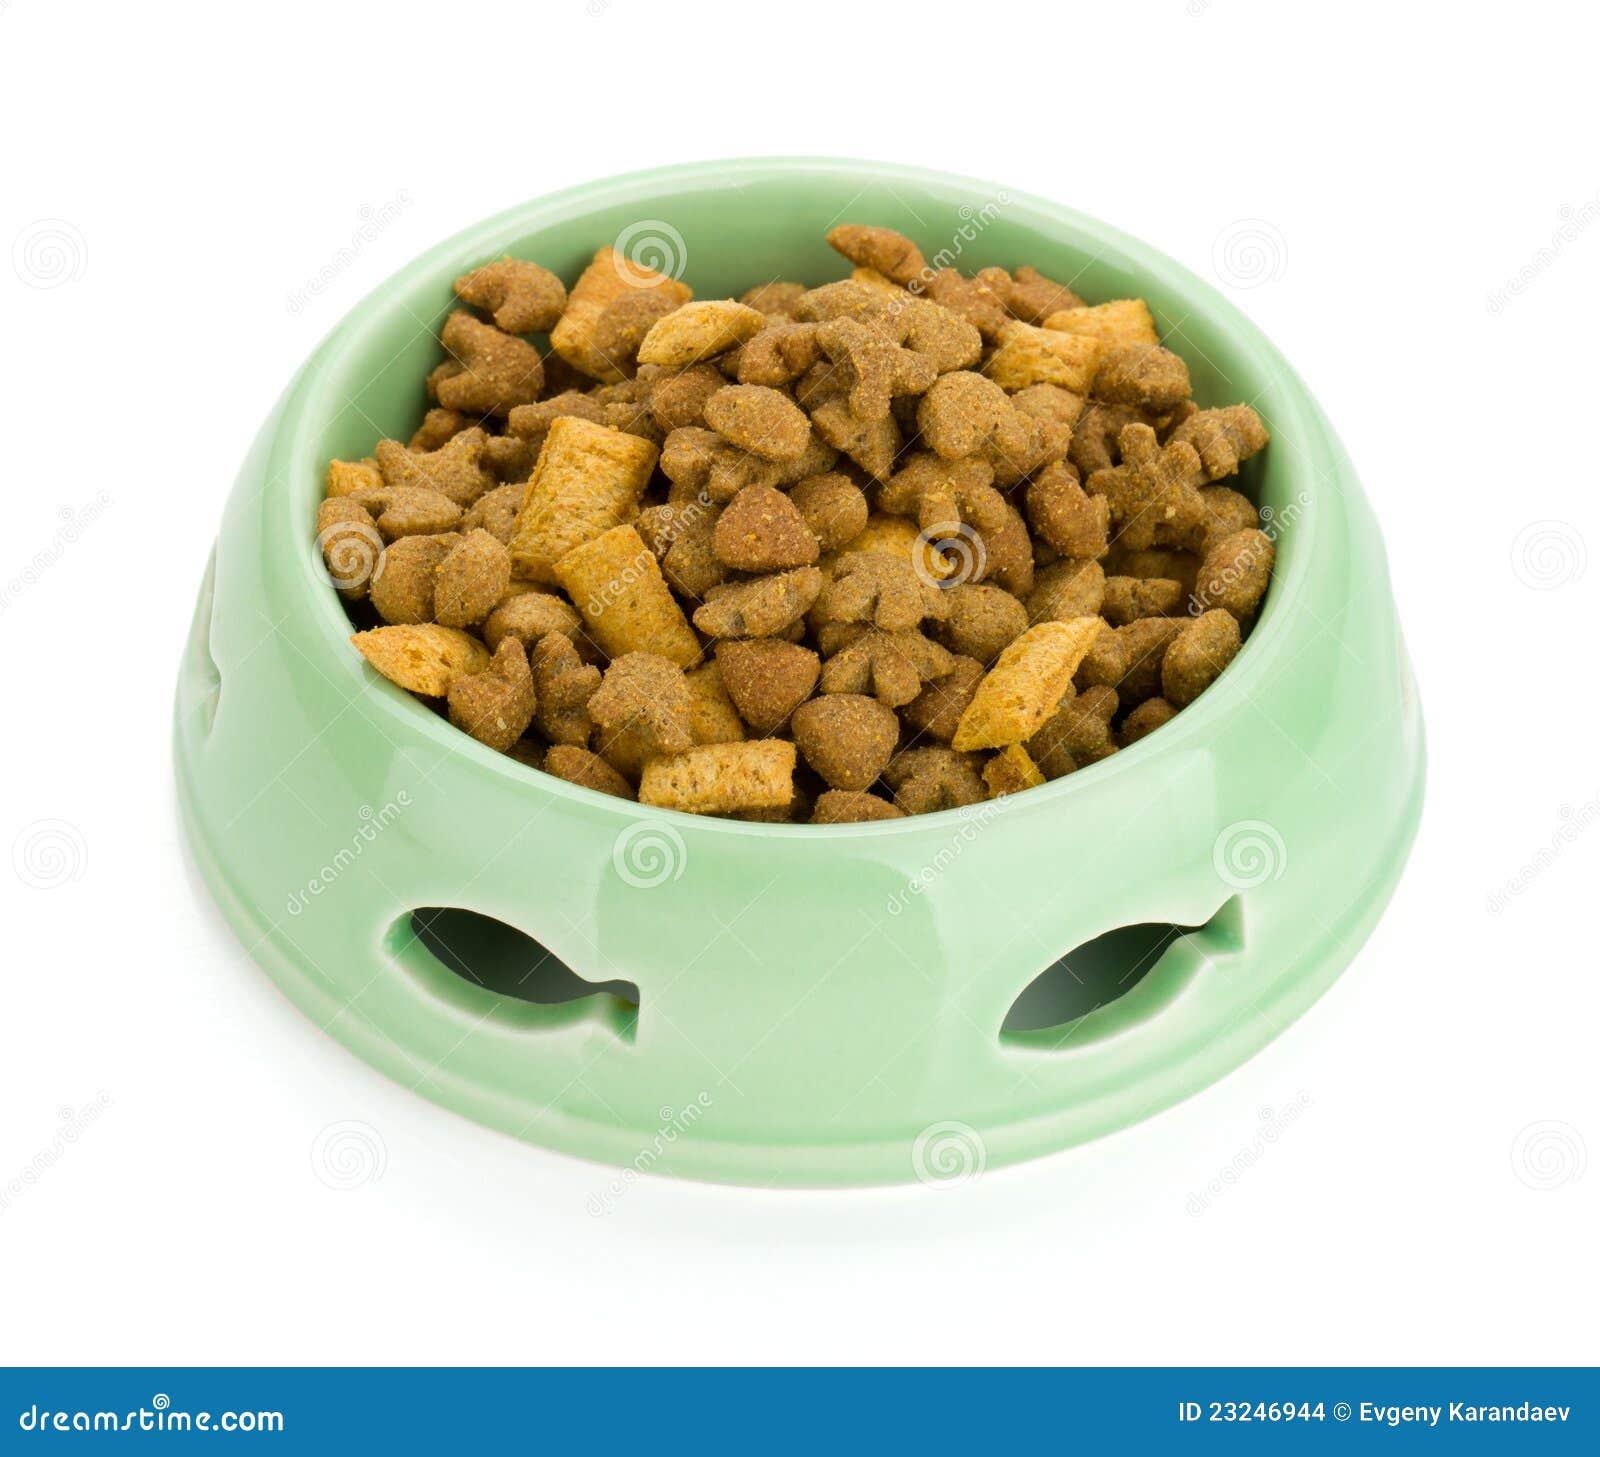 Comida para gatos en un taz n de fuente foto de archivo - Fotos de comodas ...